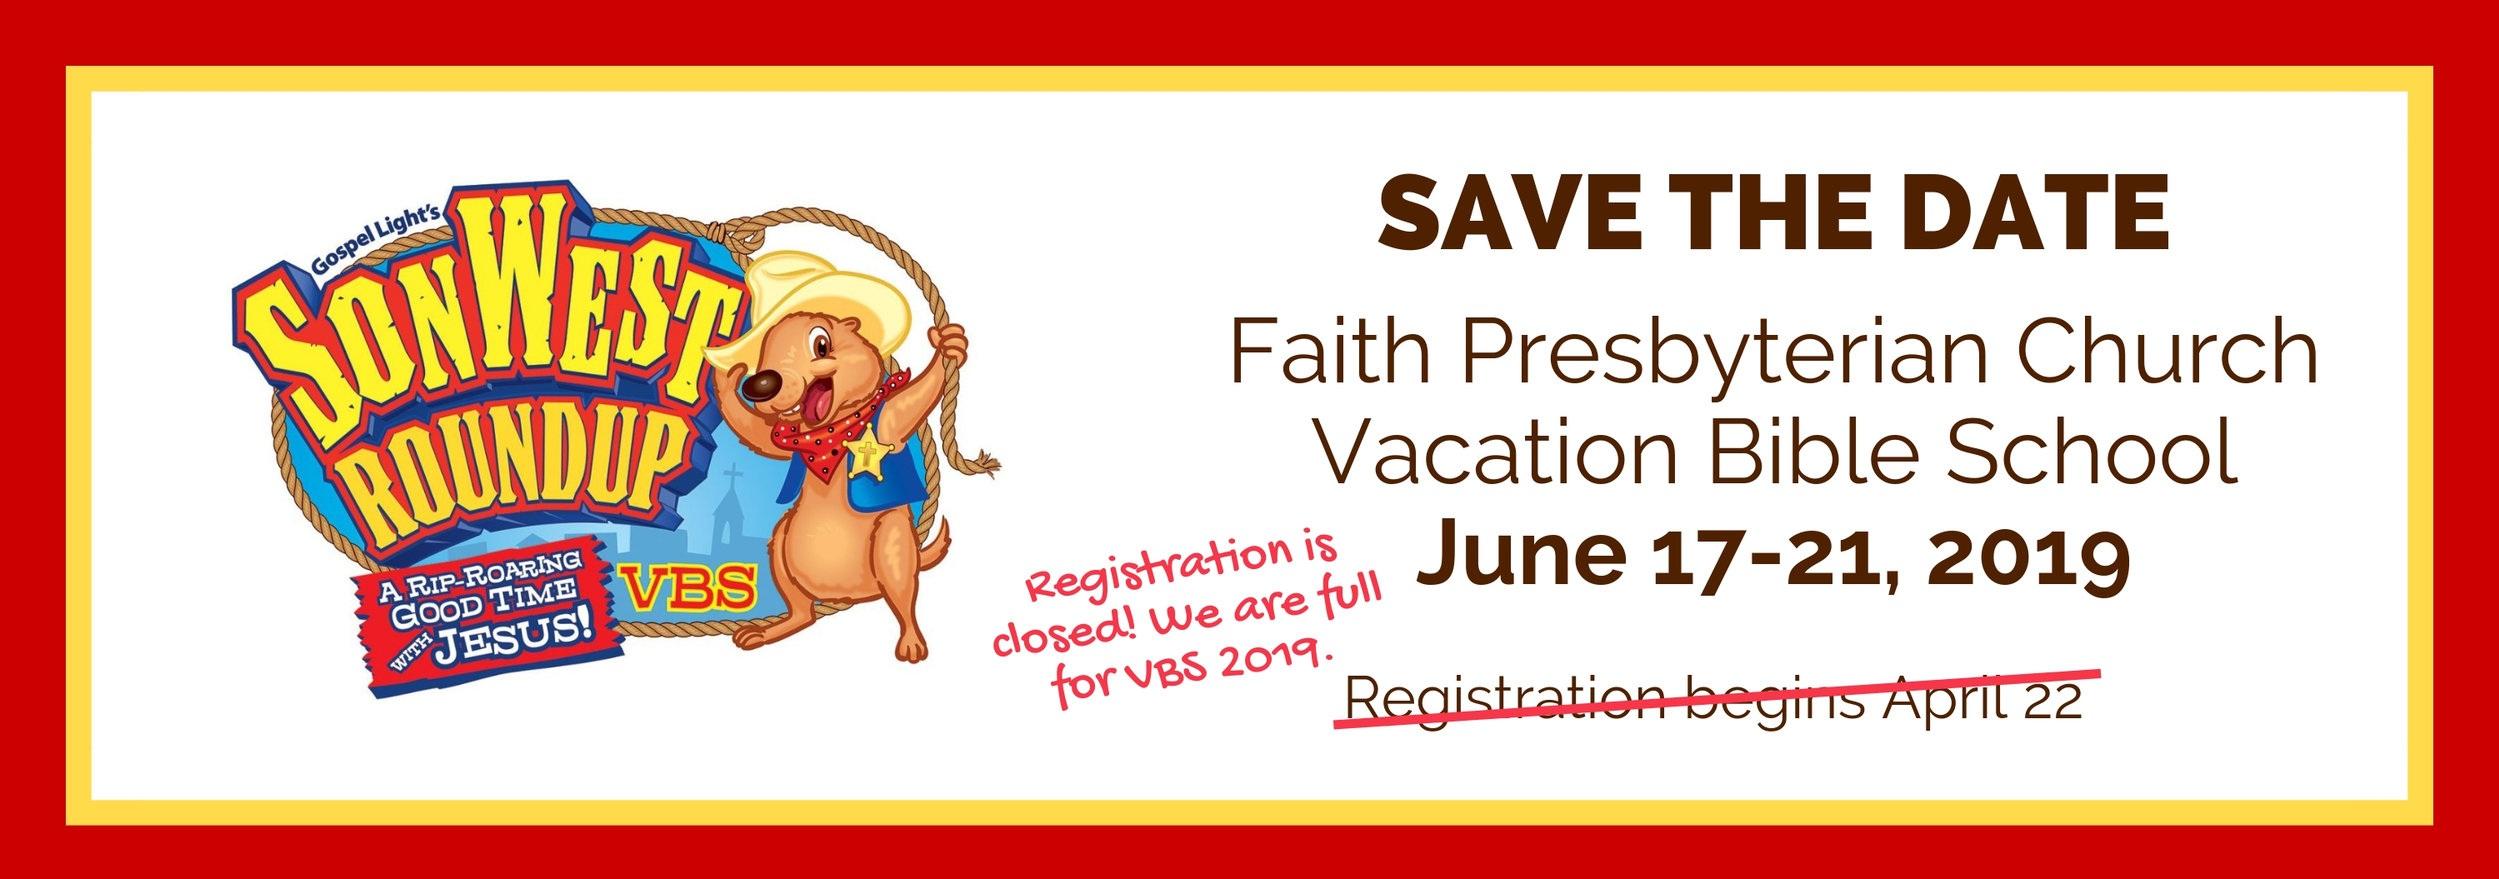 Web+Banners+for+FaithPCAChurch.org+%281%29.jpg